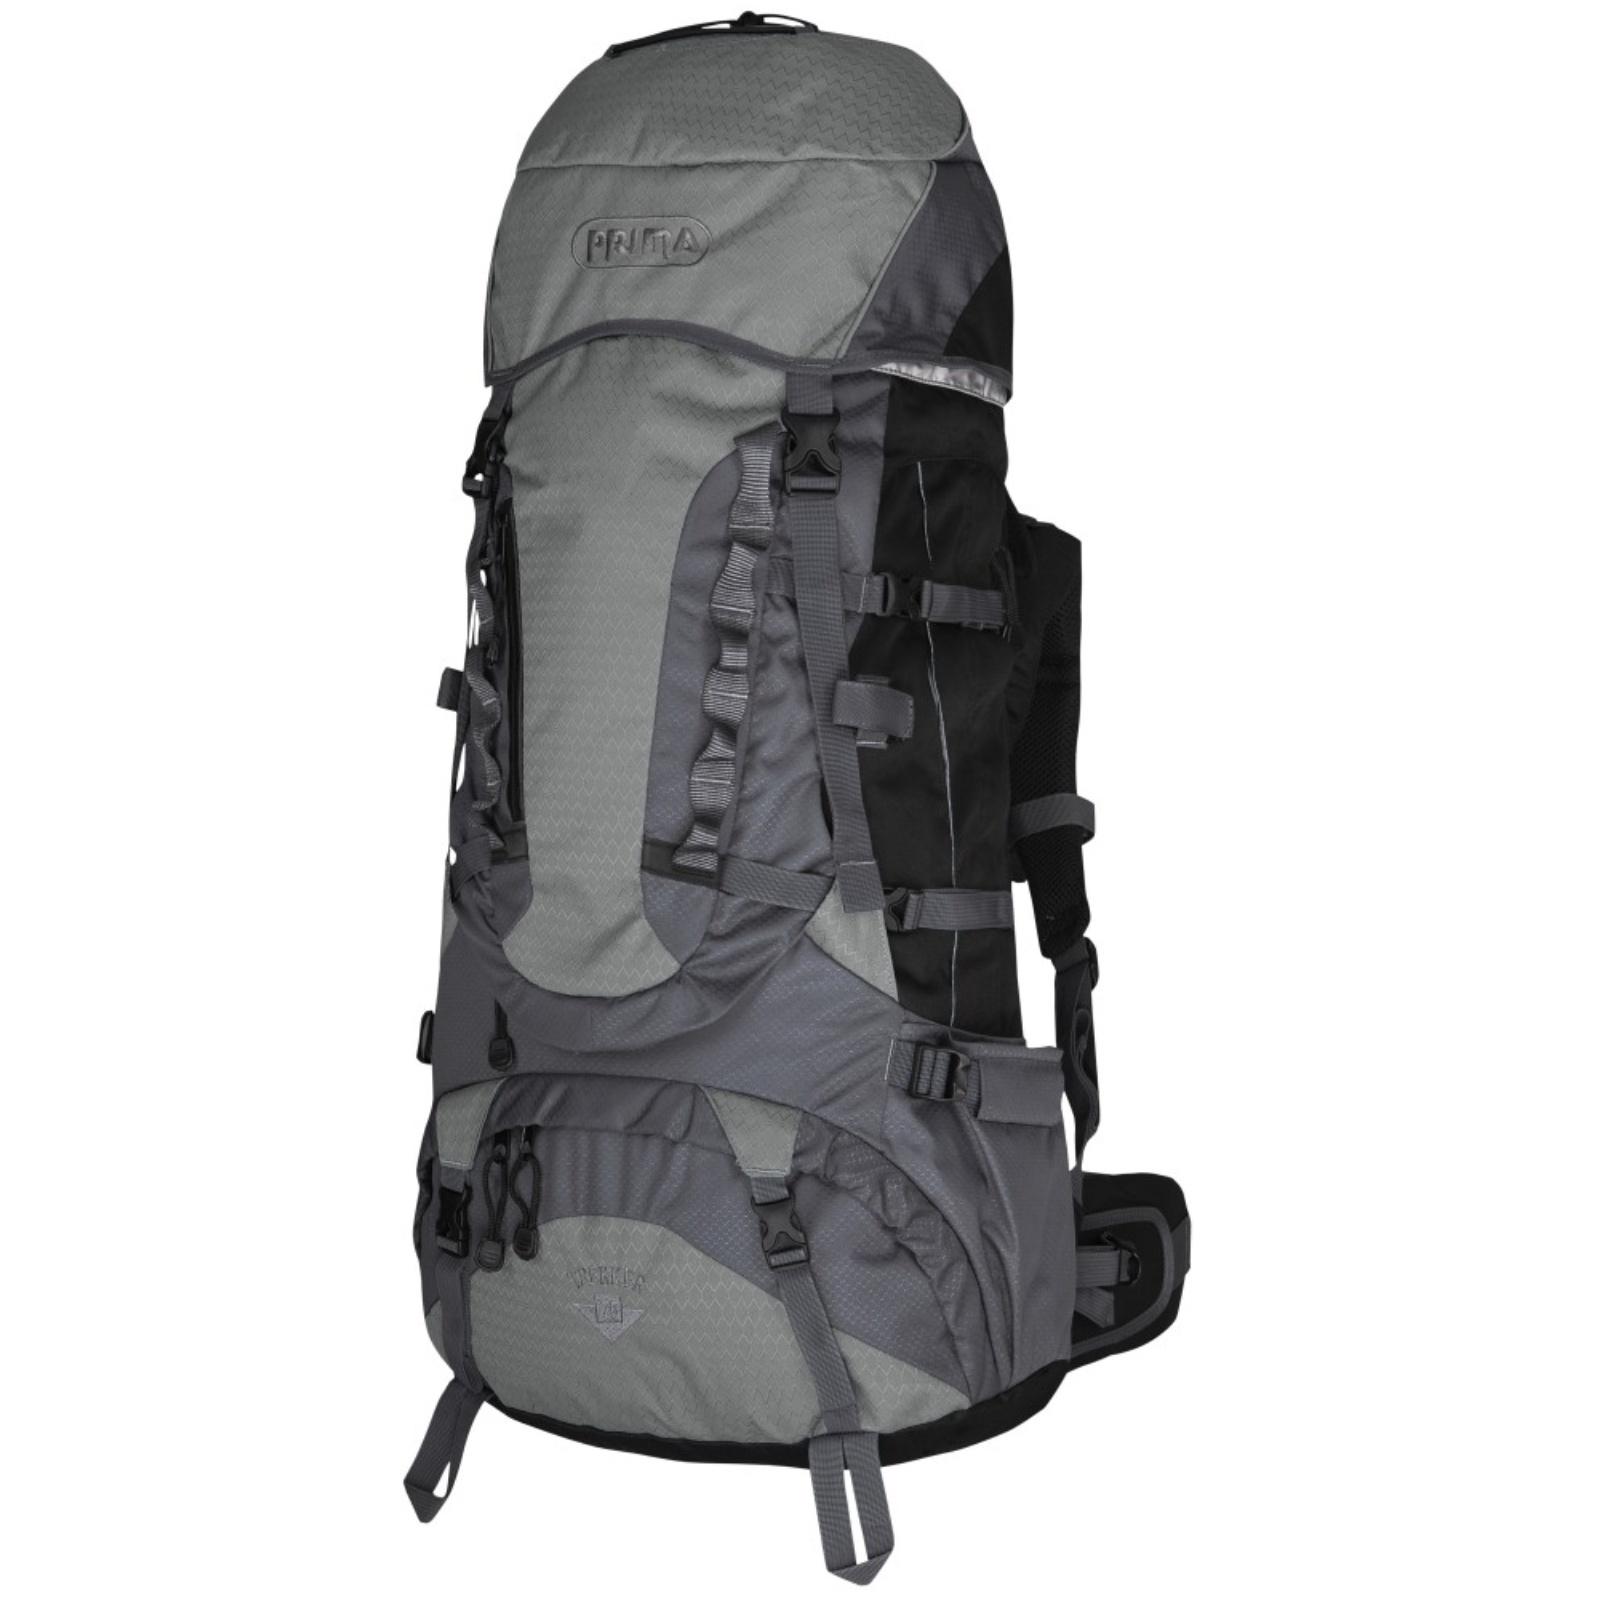 Batoh PRIMA Trekker 55 - šedý